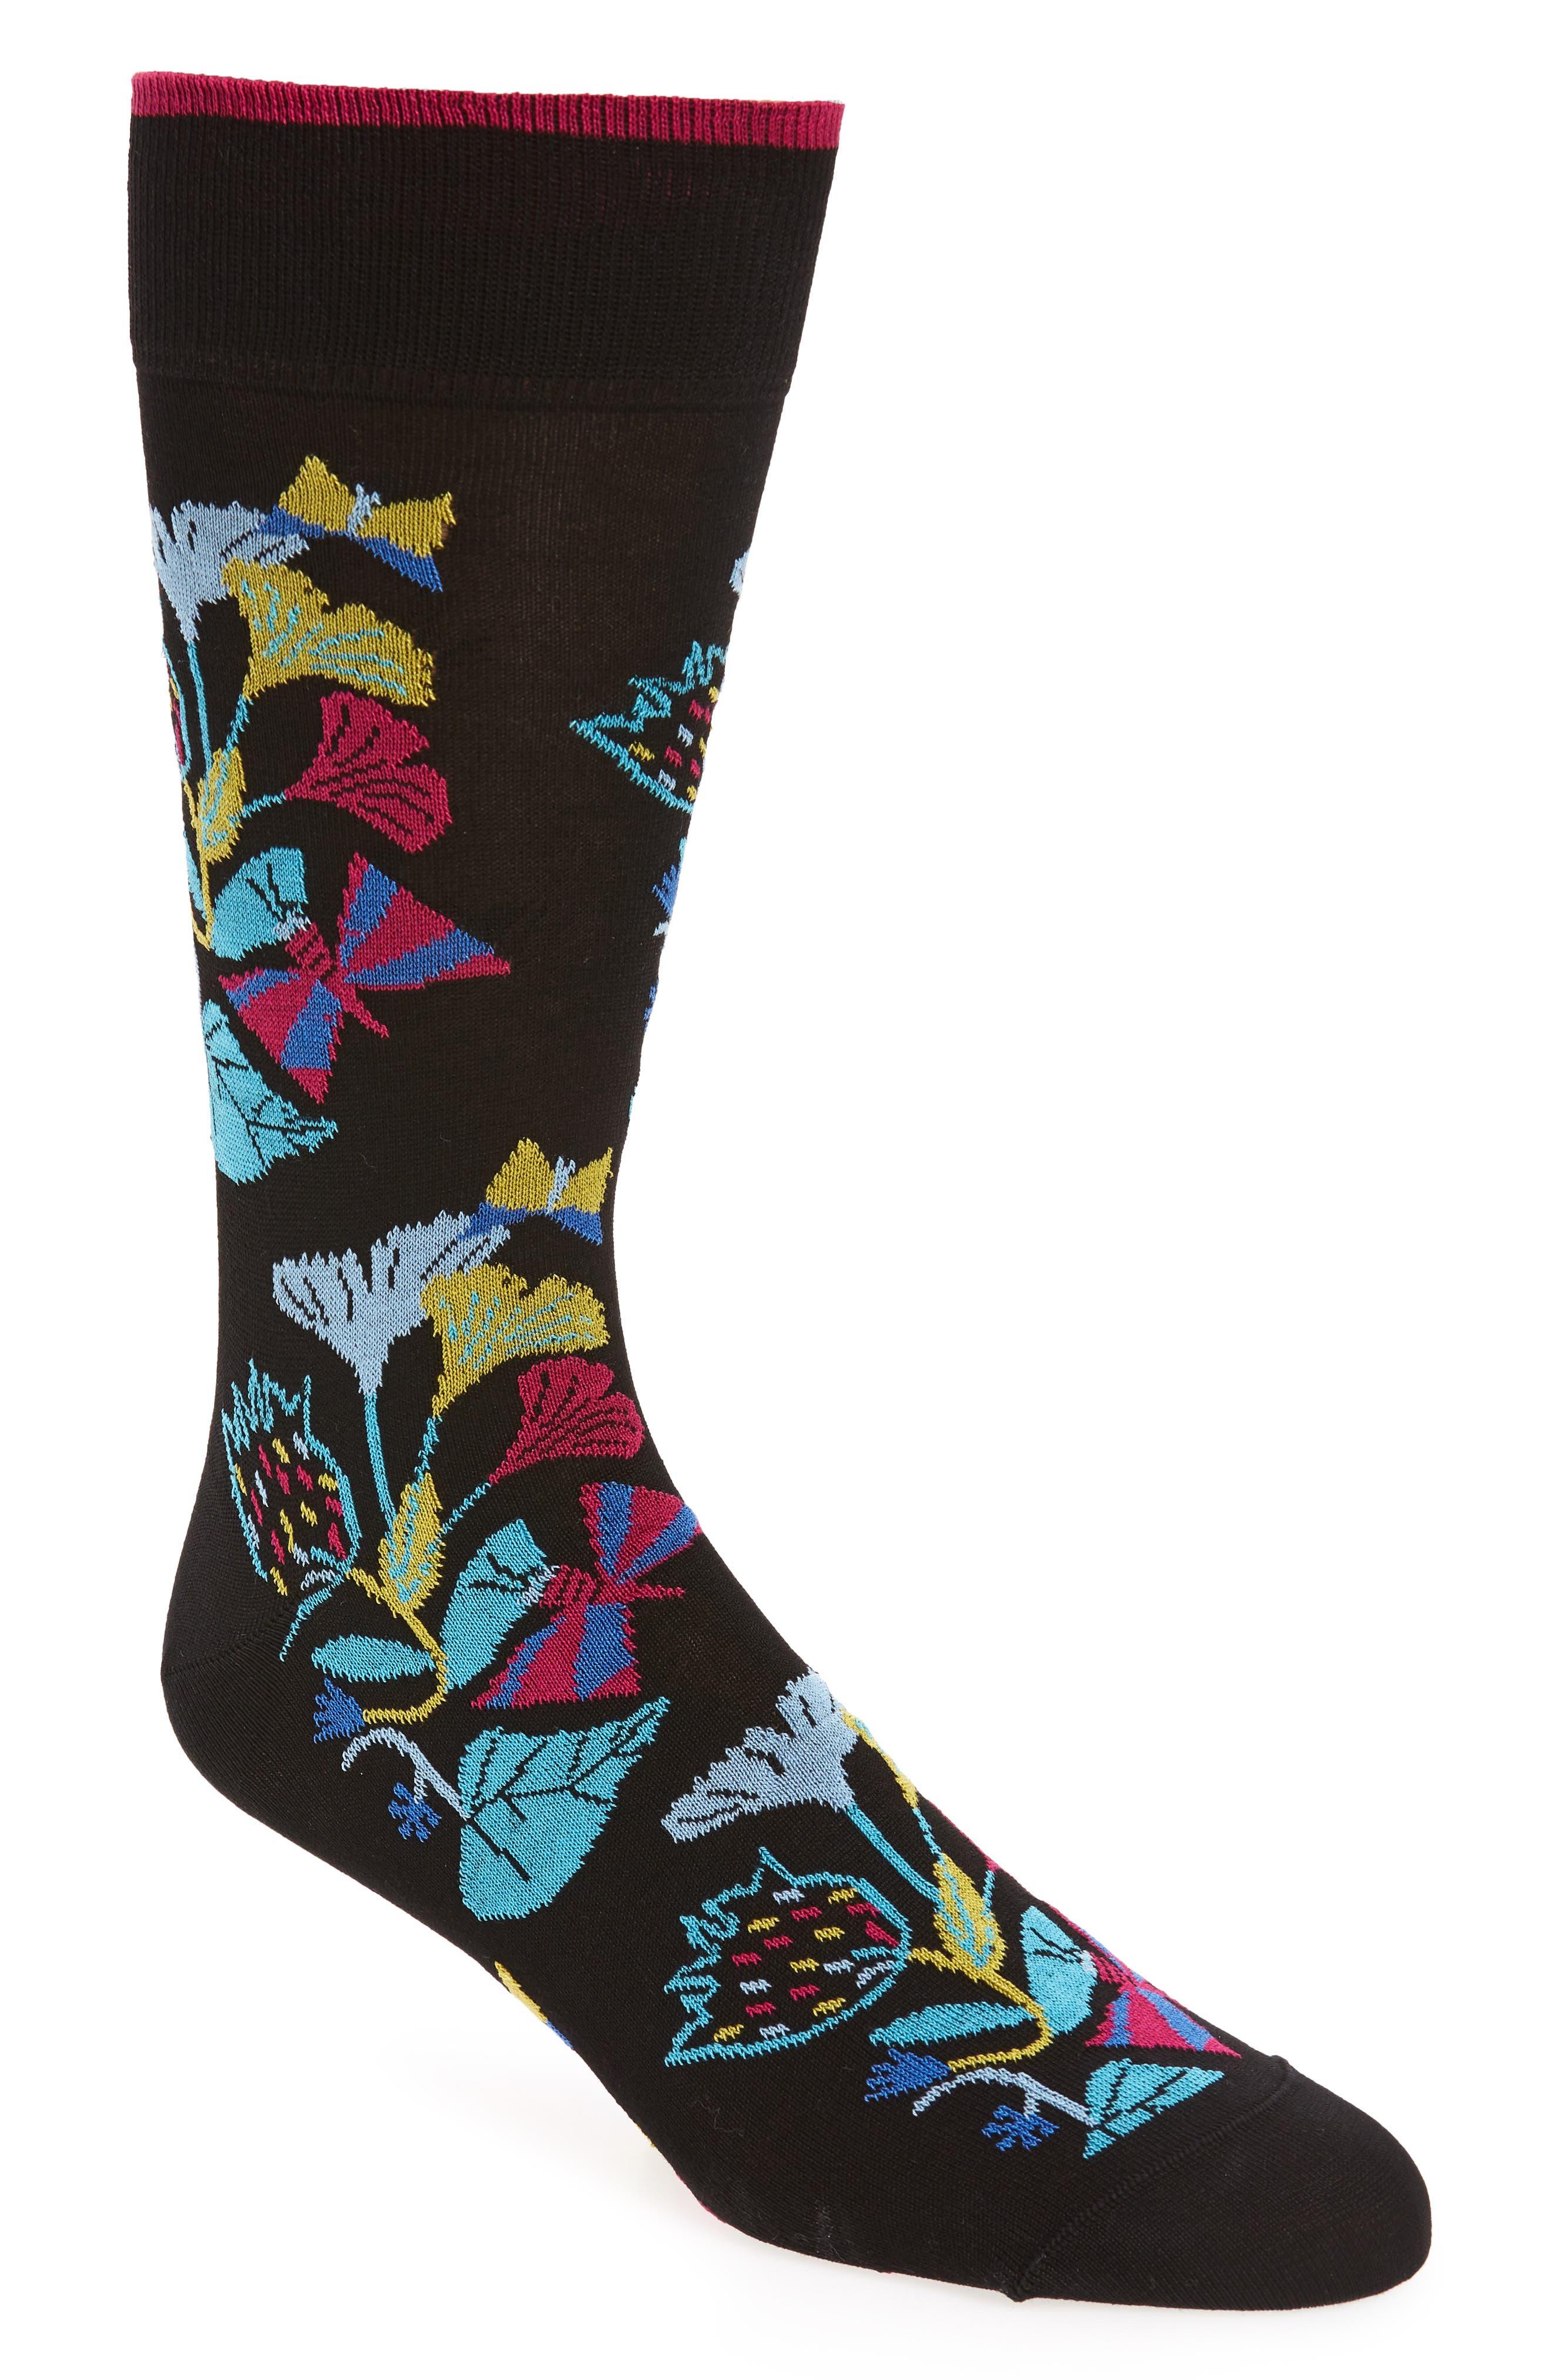 Cotton Blend Socks,                             Main thumbnail 1, color,                             Black